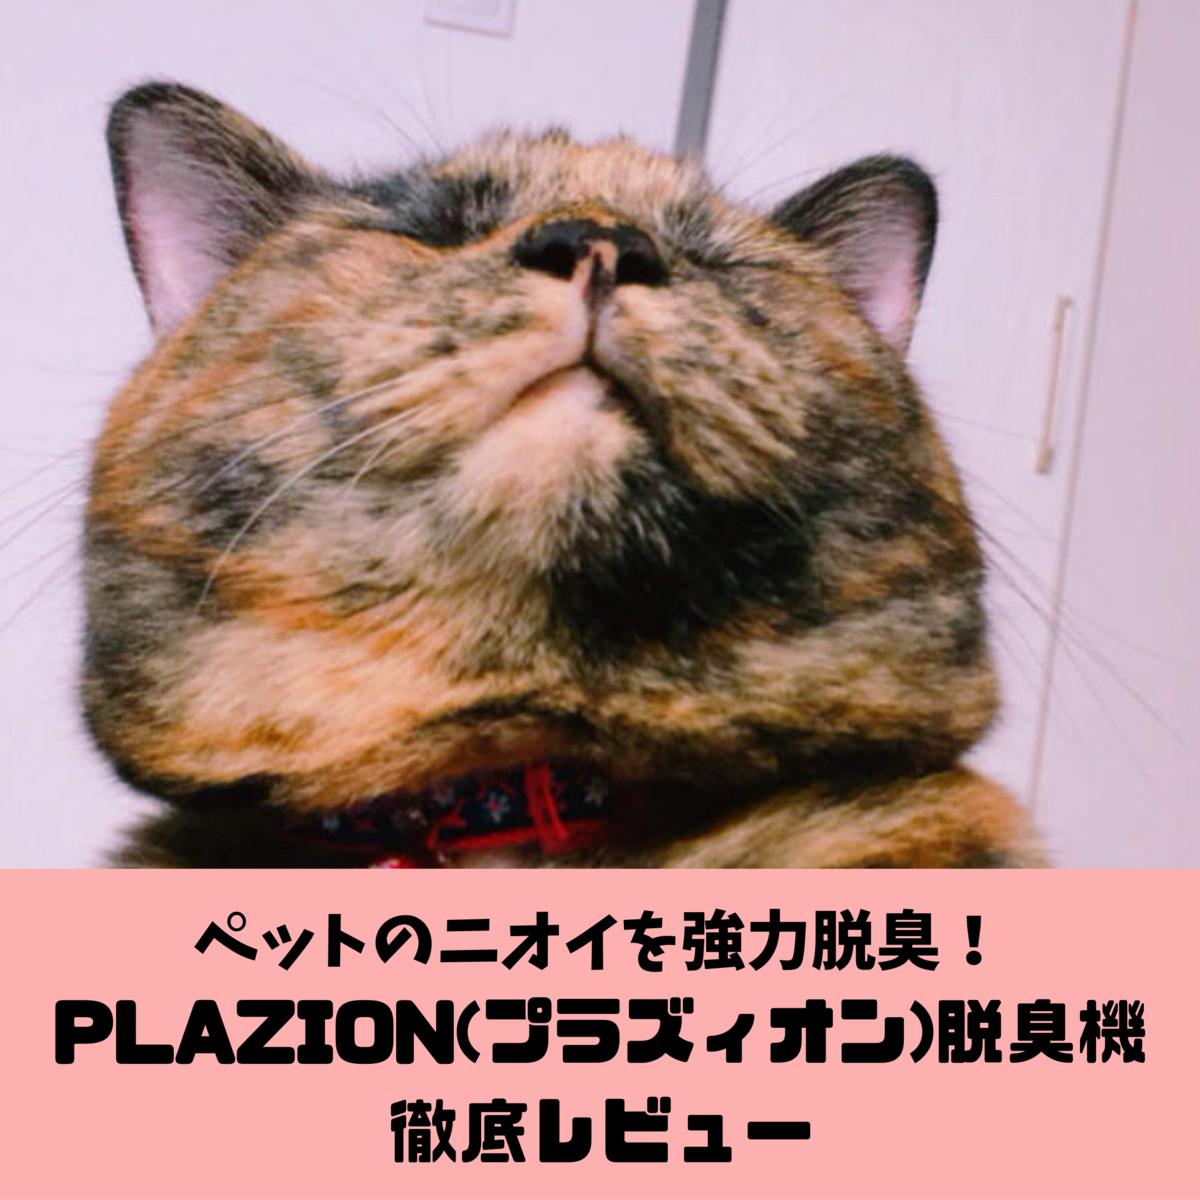 f:id:matsugorookoku:20190511224254p:plain